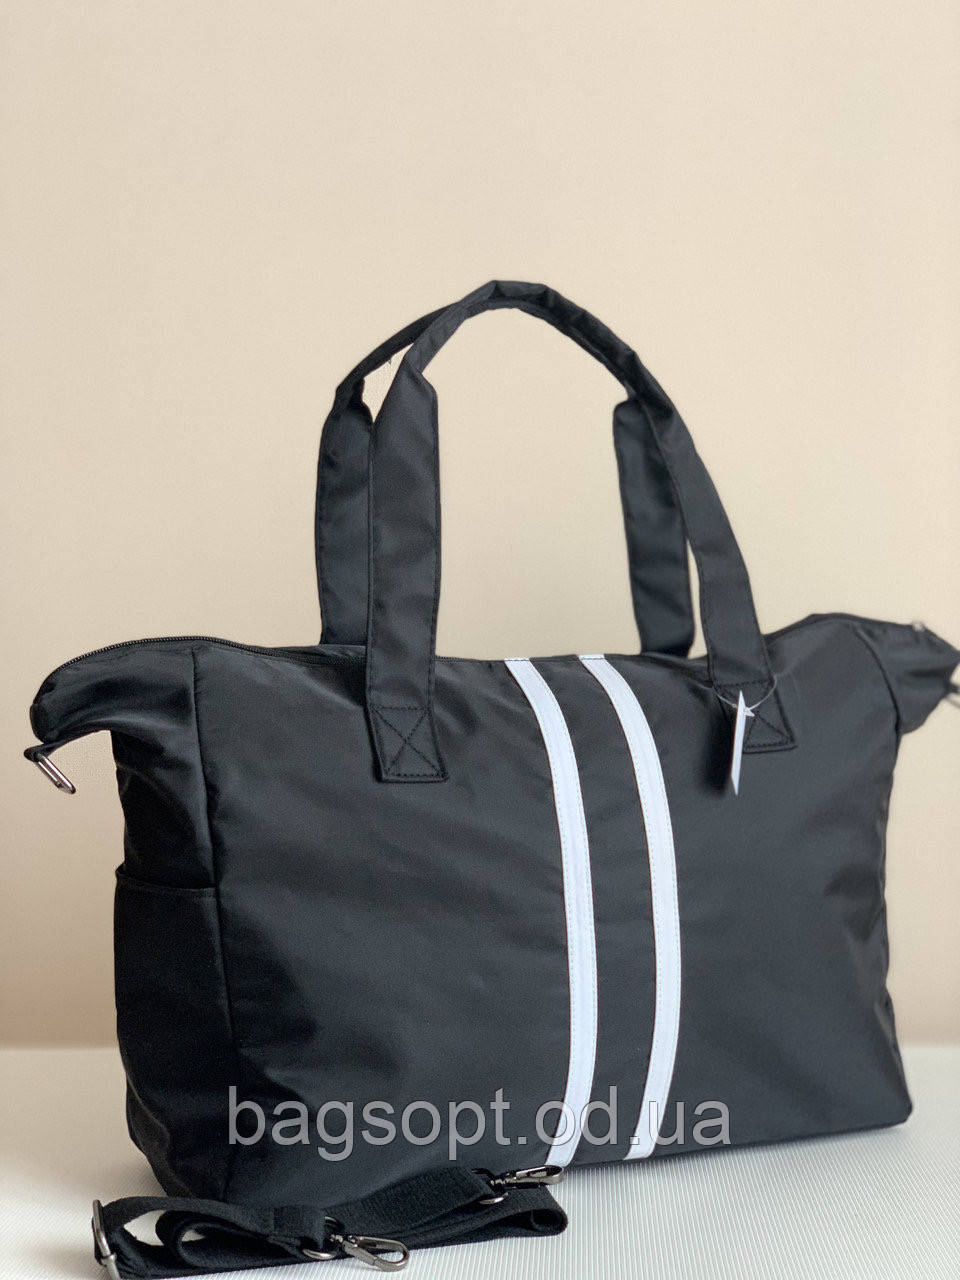 Сумка женская шоппер черная тканевая